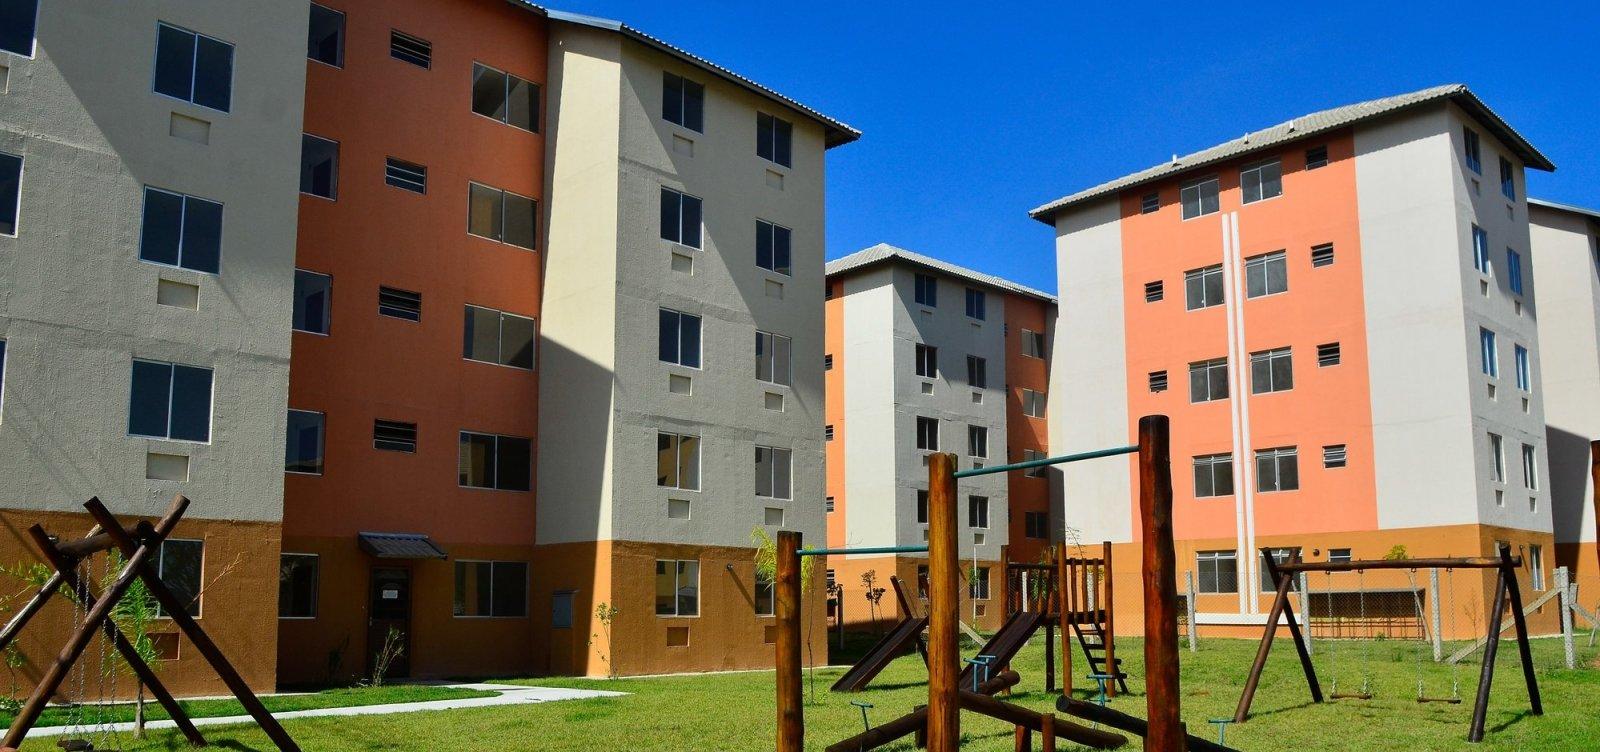 Caixa suspende financiamento do Minha Casa, Minha Vida para faixa até R$ 2,6 mil